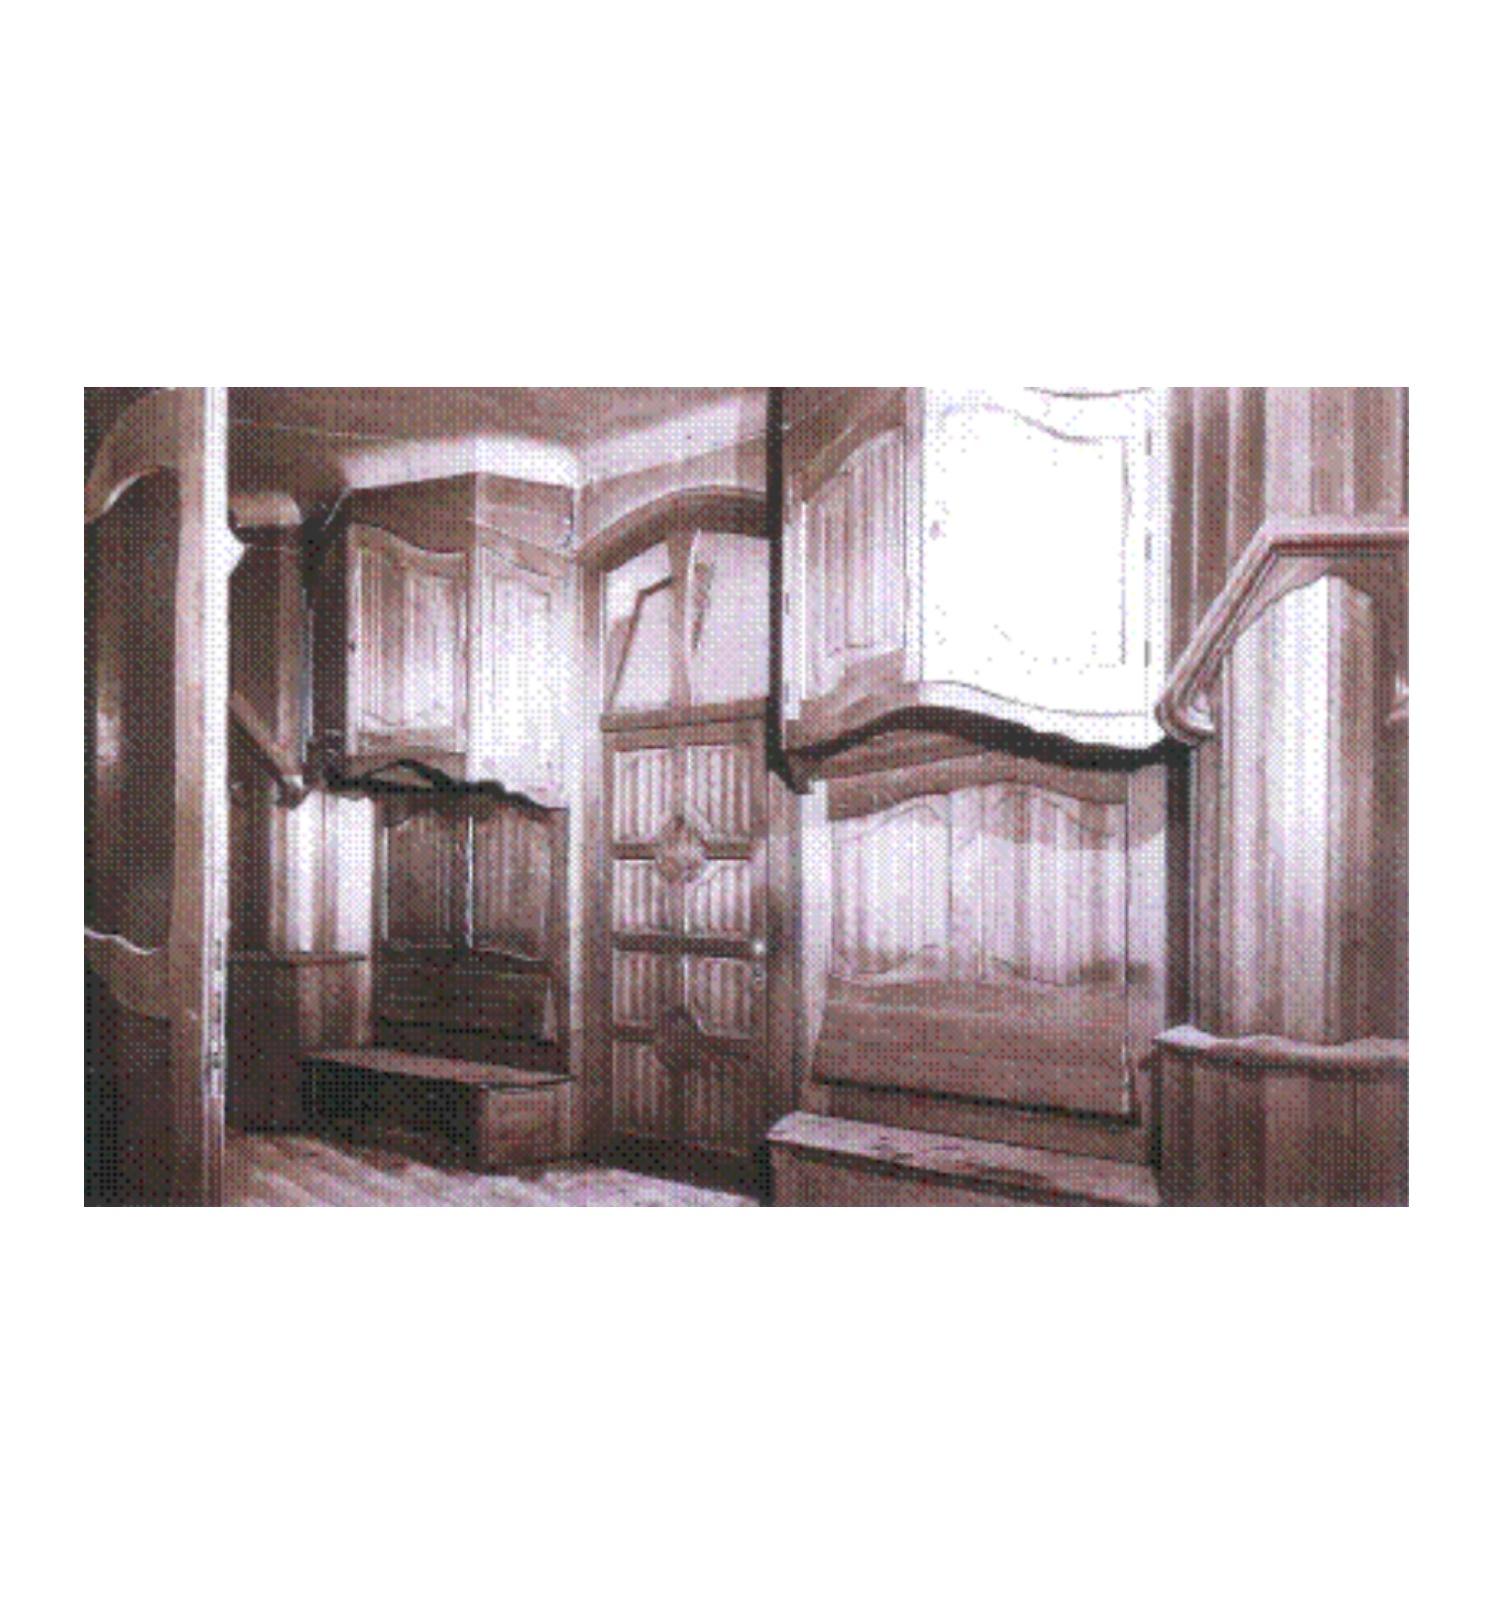 Arquibancs i dalts d'armari del vestíbul, foto 1966